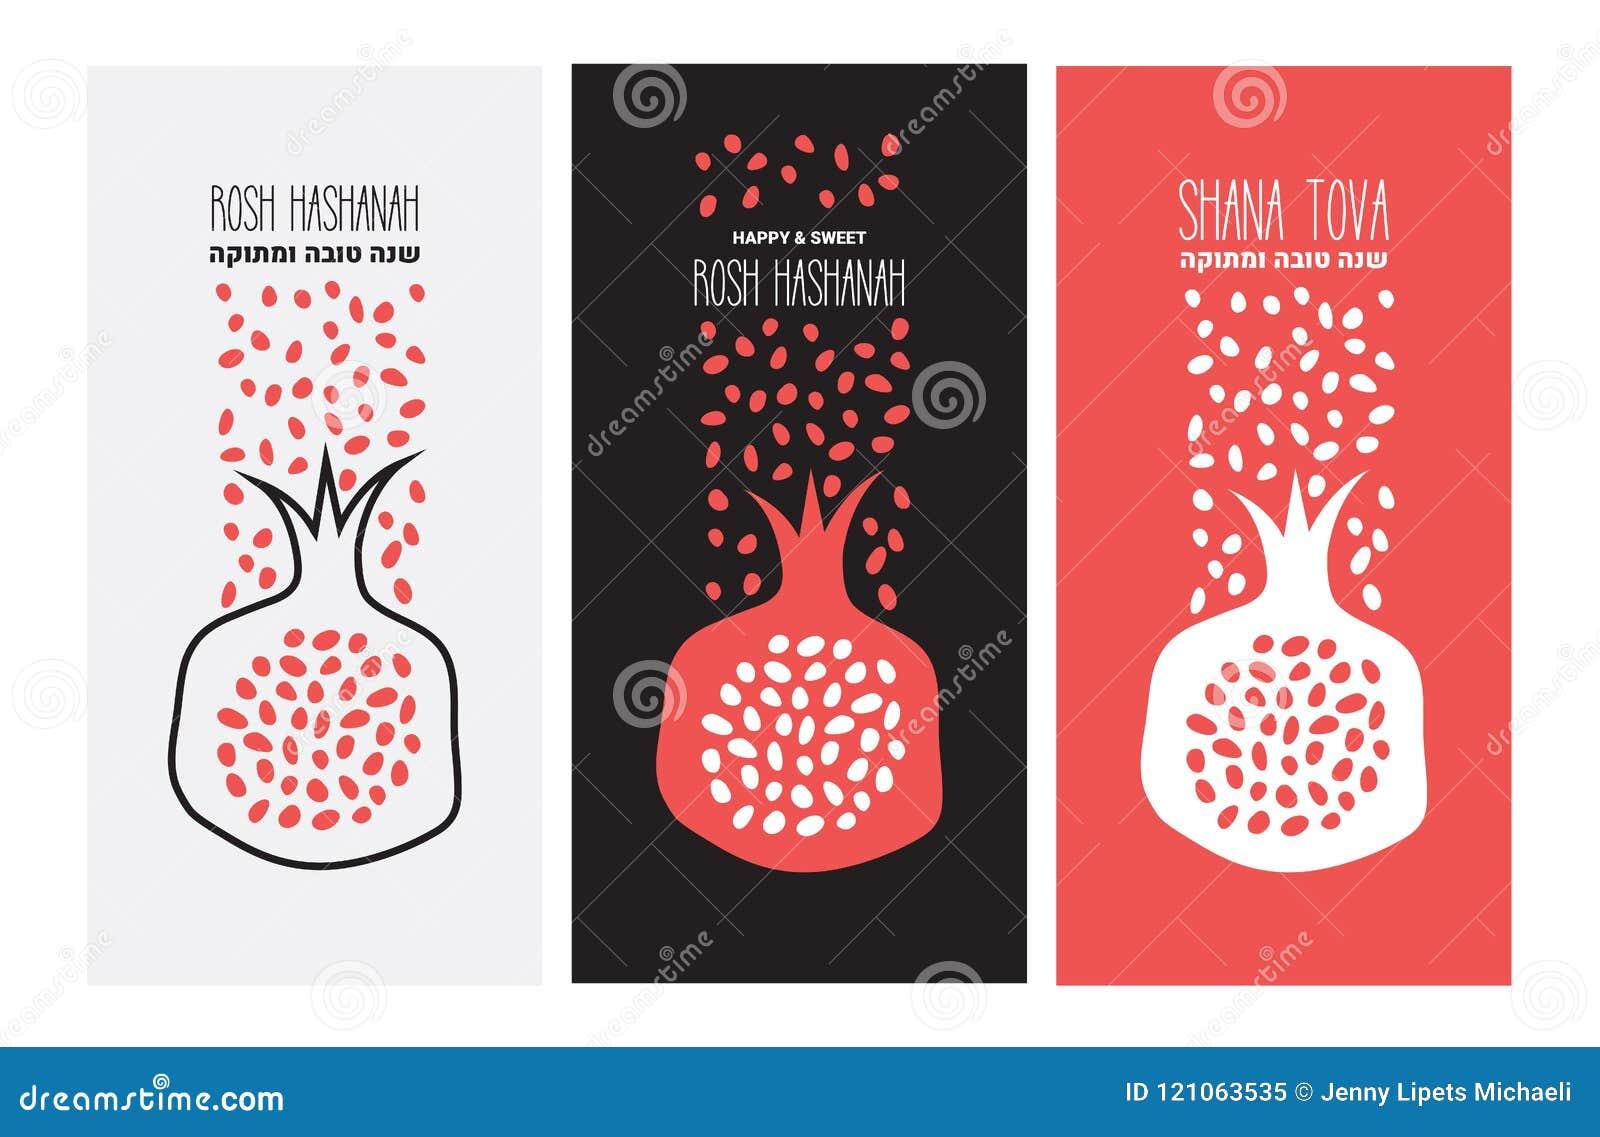 SHANA TOVA-KAARTreeks, de Groetkaart van Rosh Hashanah, met hliday symbool, een granaatappel Joods nieuw jaar Vector